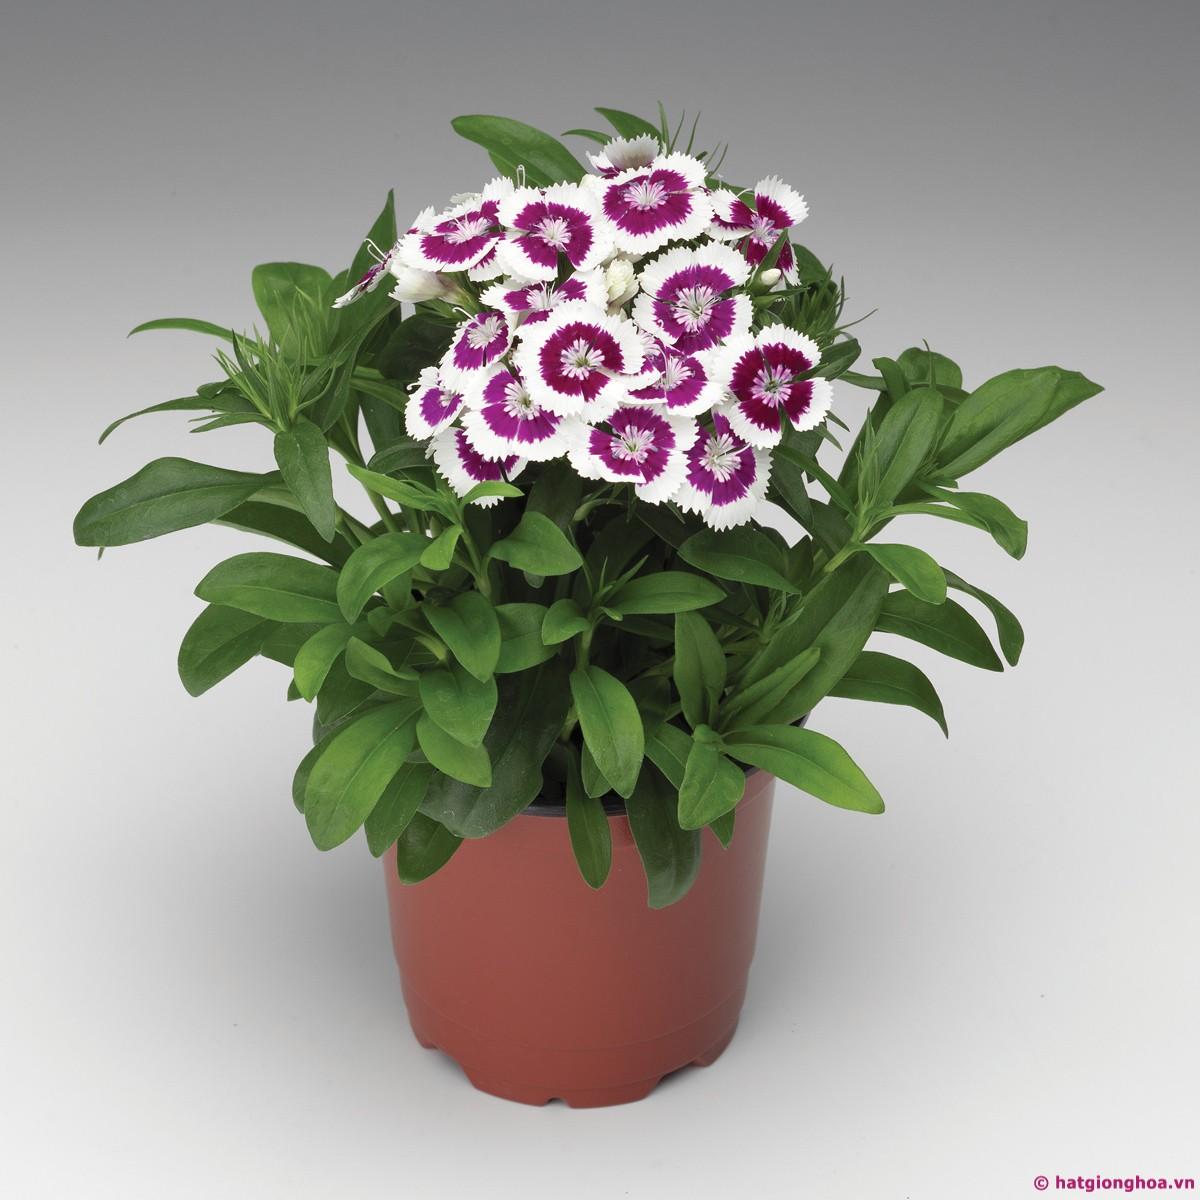 Hình ảnh chậu hoa cẩm chướng đón tết